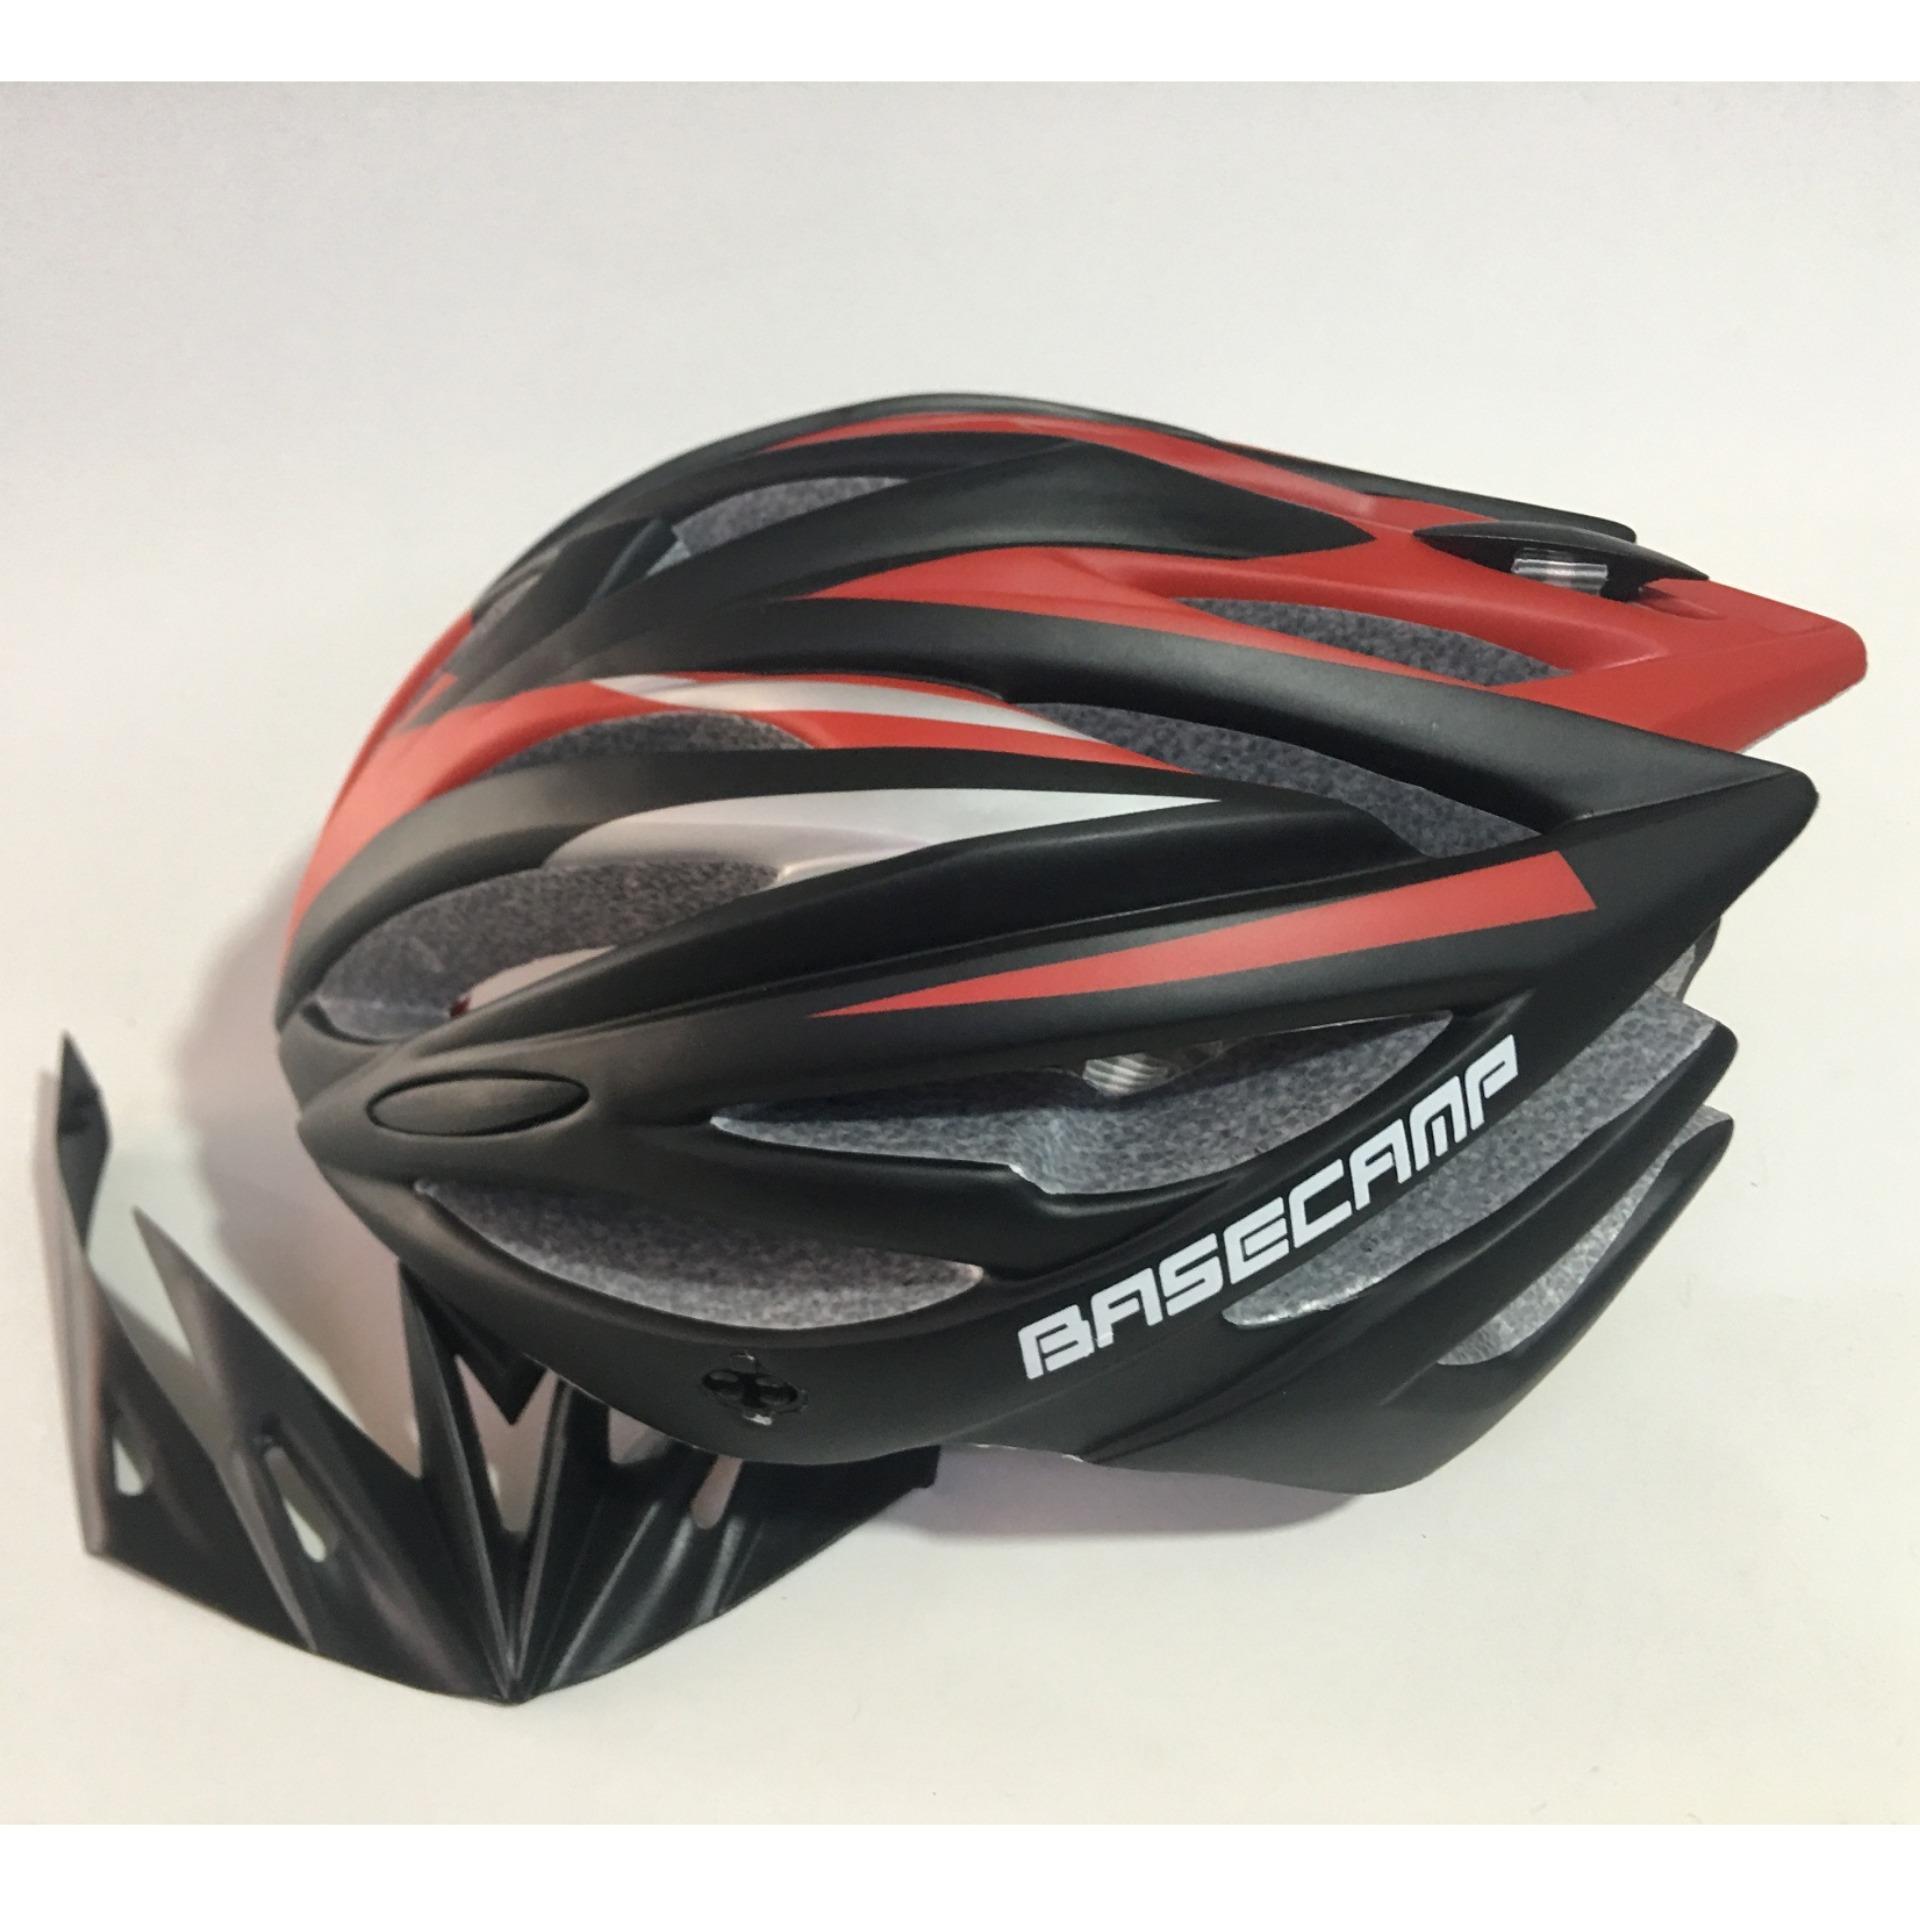 Chất lượng sản phẩm là yếu tố hàng đầu bạn phải quan tâm khi chọn mua mũ bảo hiểm xe đạp